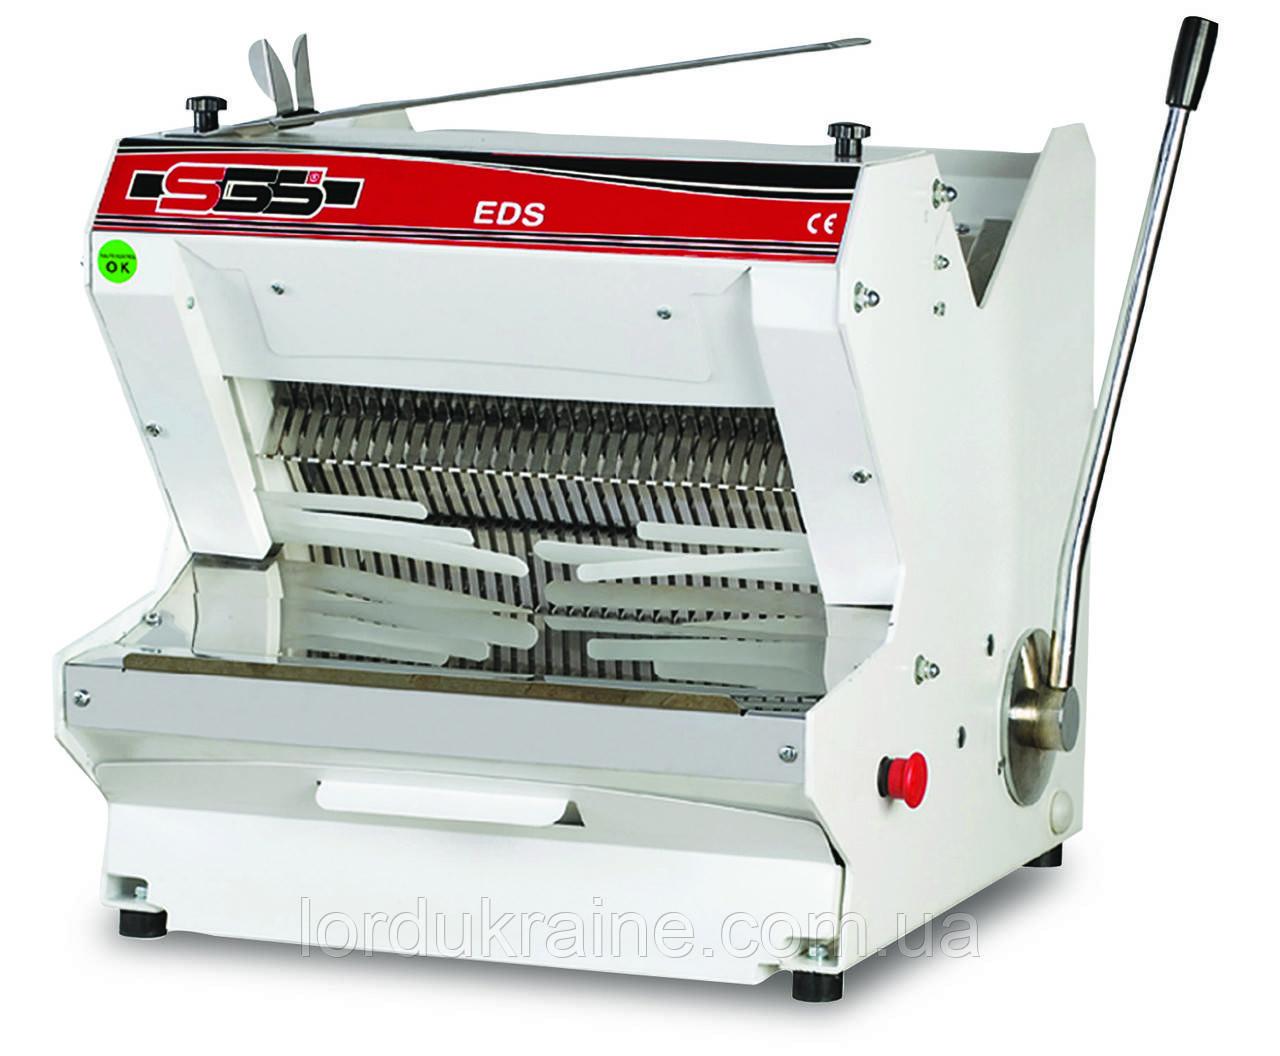 Хлеборезка промышленная SGS EDS-01